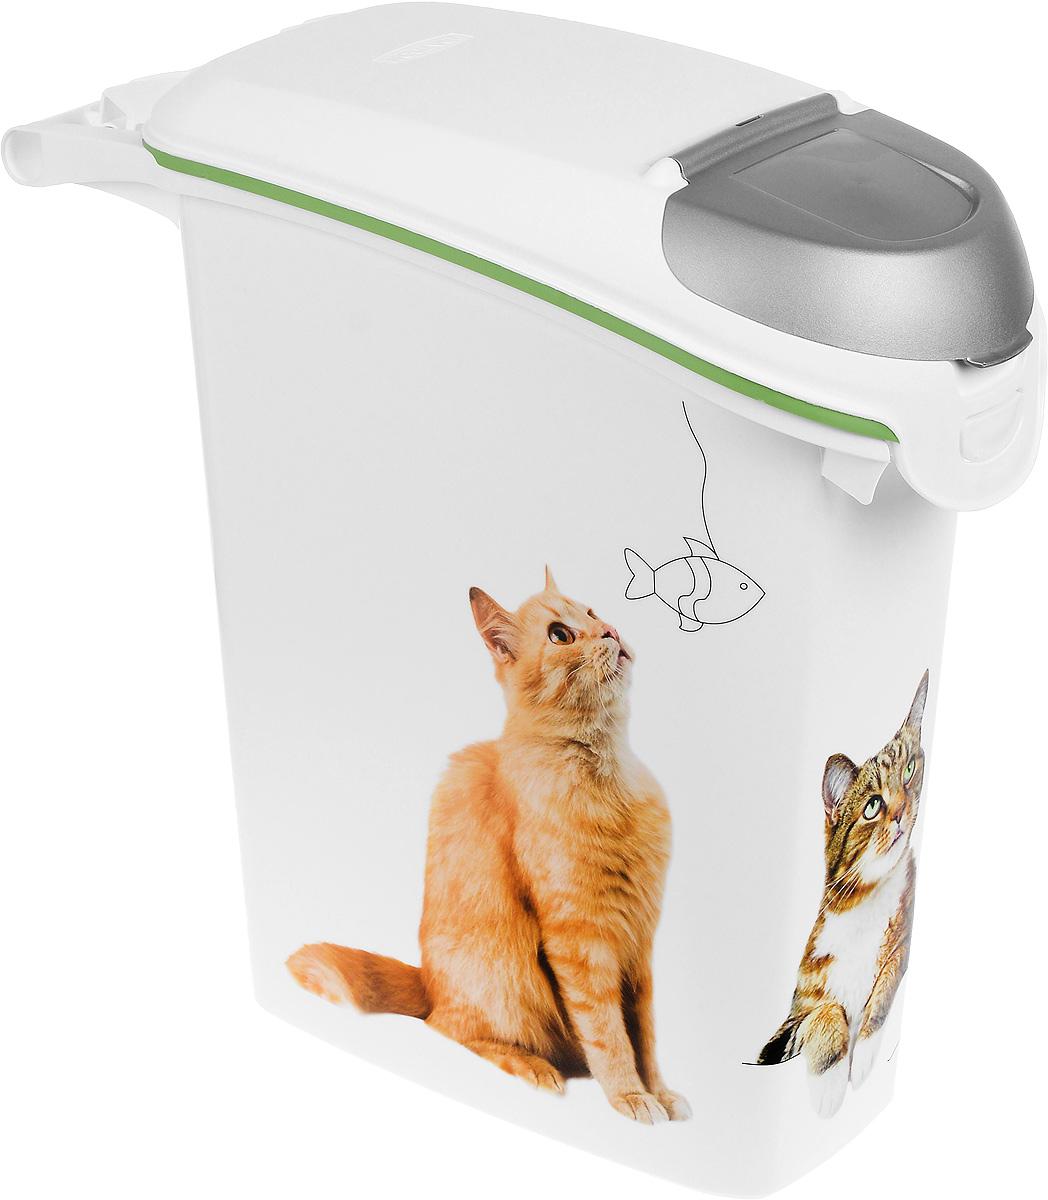 Контейнер для хранения сухого корма Curver Petlife. Кошачьи цап-царапки, 23 л0120710Контейнер Curver Petlife. Кошачьи цап-царапки, изготовленный из высококачественного пластика, предназначен для хранения сухого корма. Он оснащен плотно закрывающейся крышкой, что позволяет предотвратить проникновение не только влаги, но паразитов и грызунов. Изделие декорировано ярким изображением кошек. В таком контейнере корм останется всегда свежим.Объем: 23 л. Вес корма: 10 кг.Размер контейнера: 50 х 21 х 50 см.